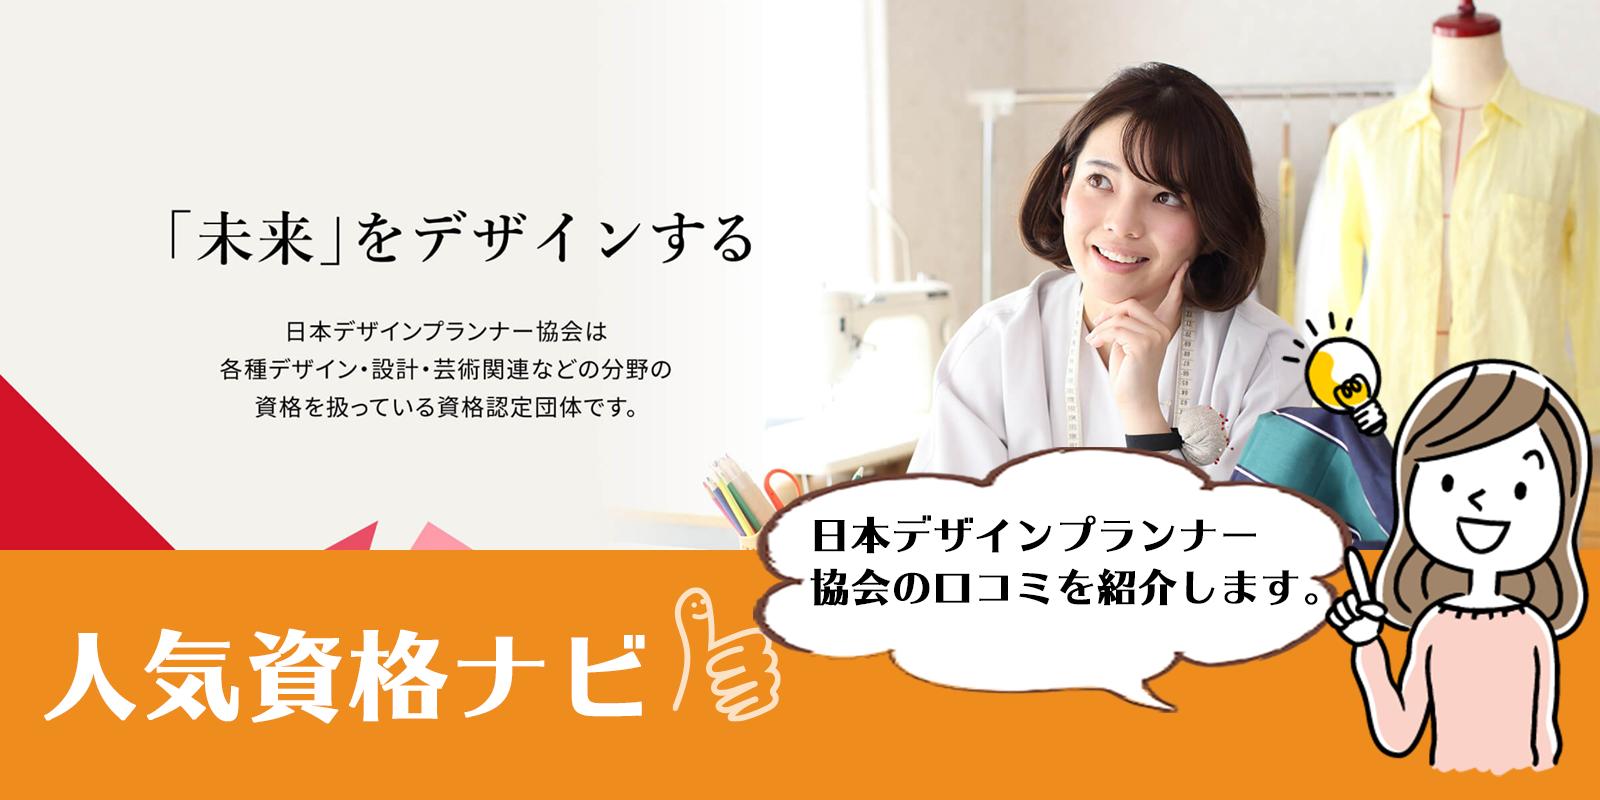 日本デザインプランナー協会のアイキャッチ画像